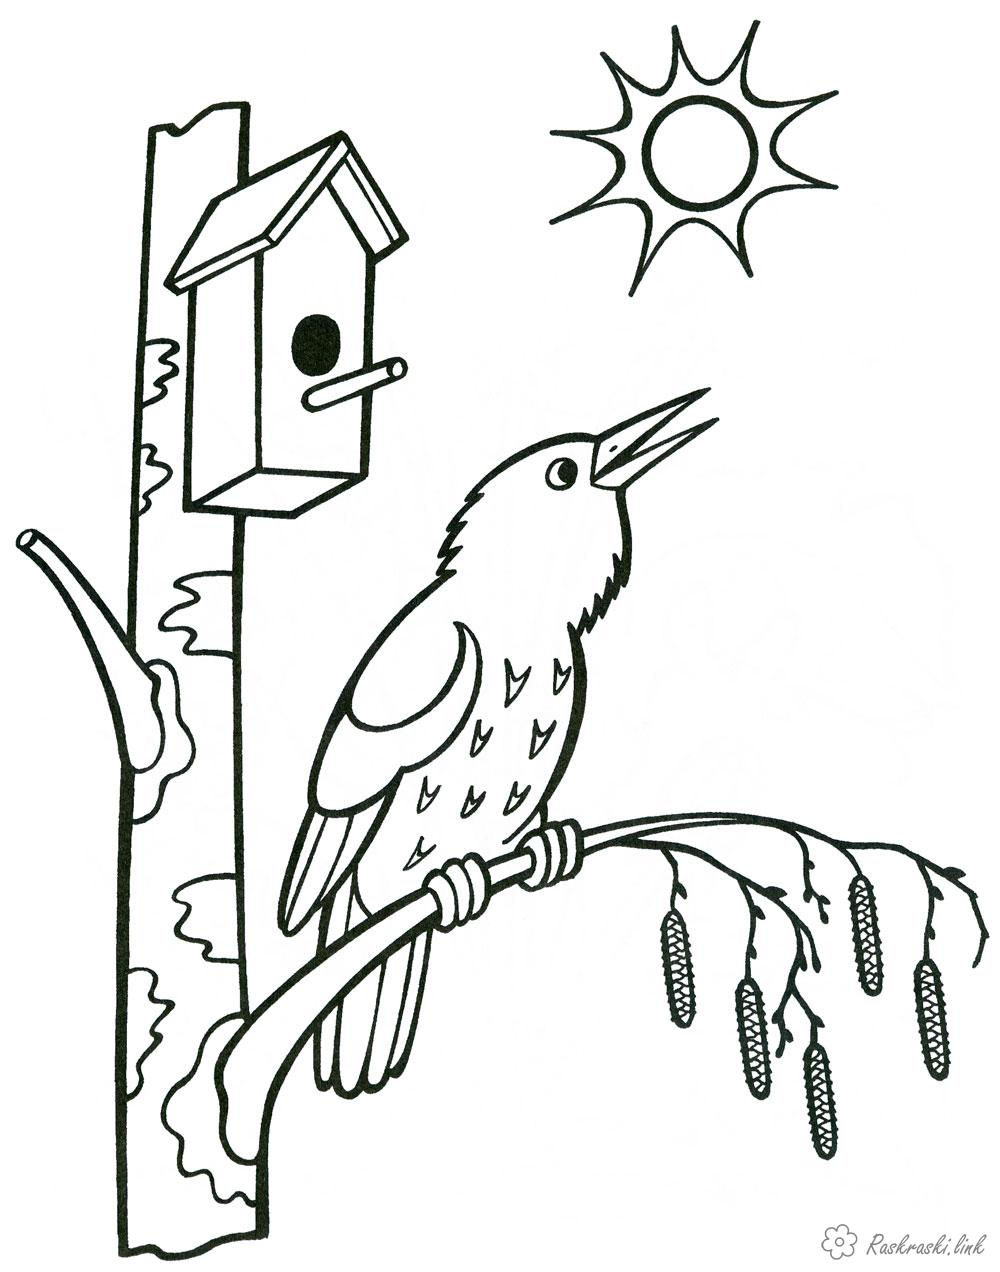 Розмальовки Весна скворцы прилетели, скворечник, весеннее солнце, весенние раскраски